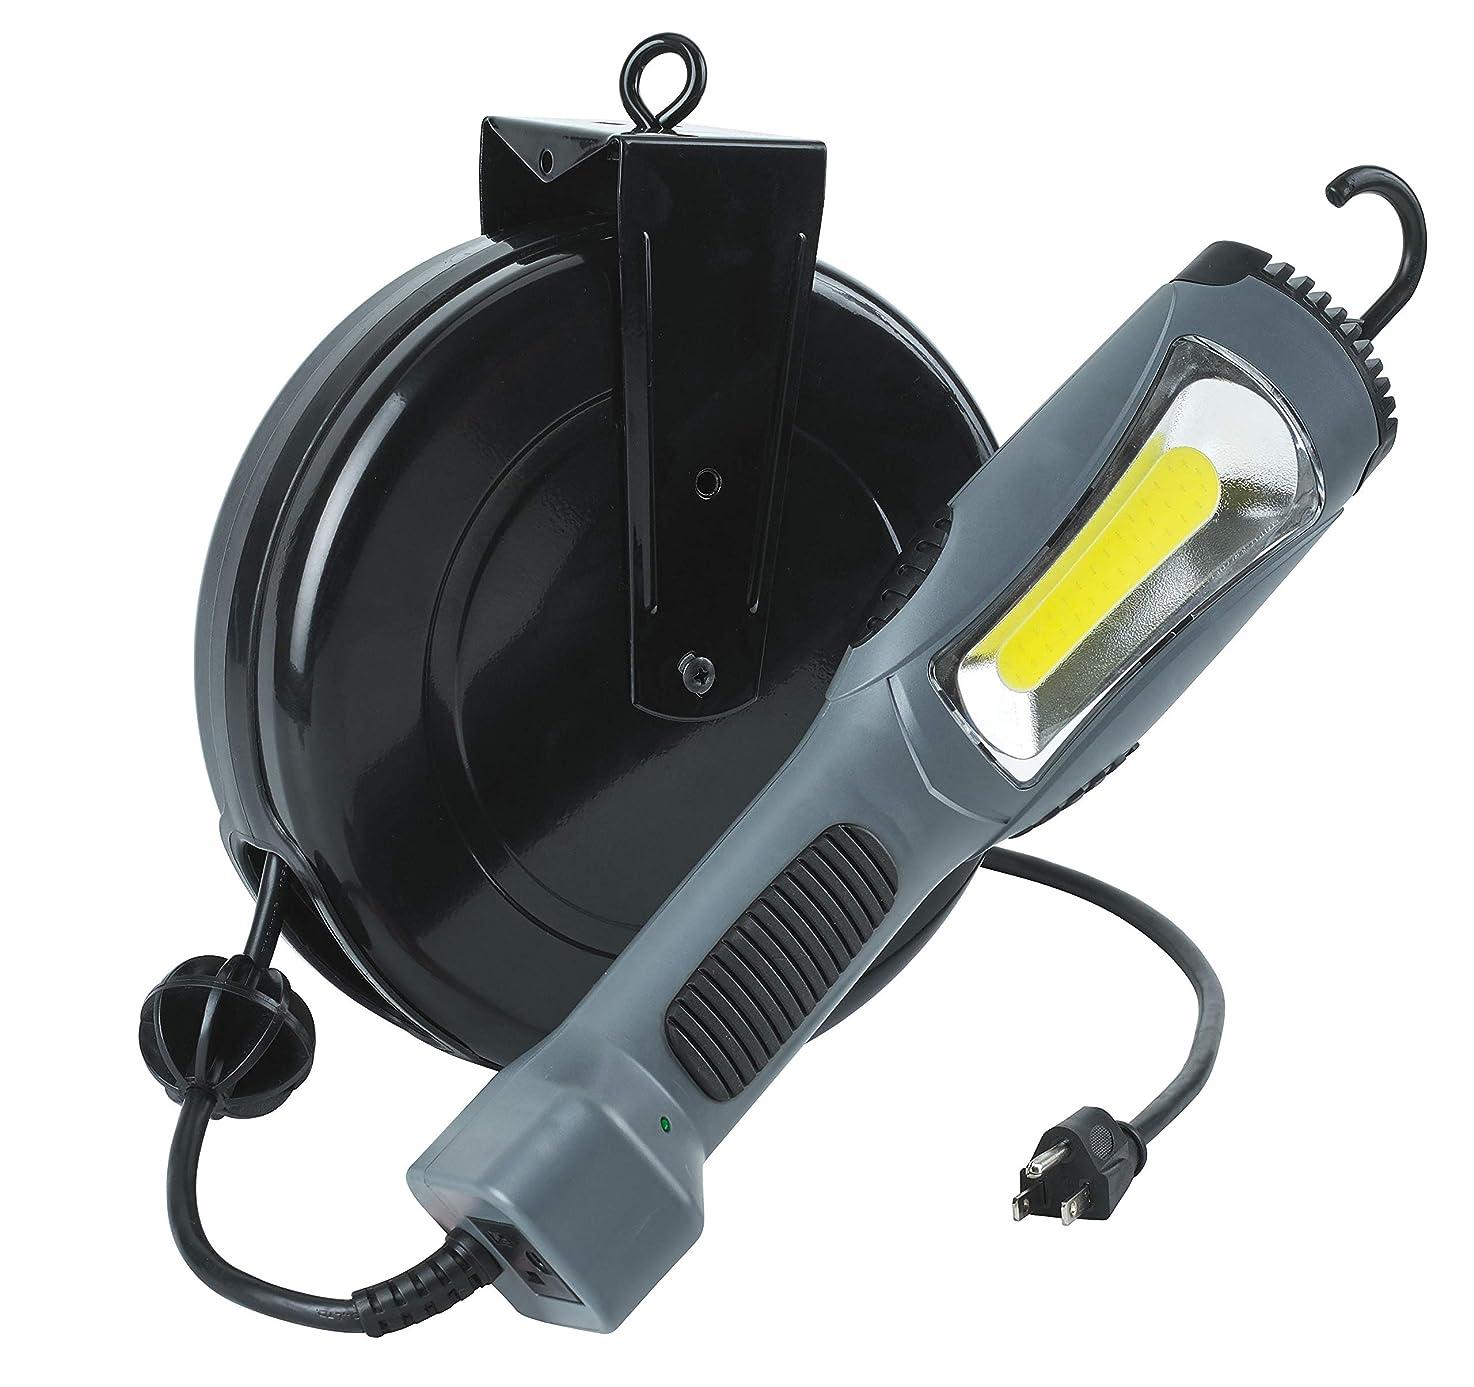 Prolite 5030AM 1300 Lumen Retractable COB LED Cord Reel, 1, Gray